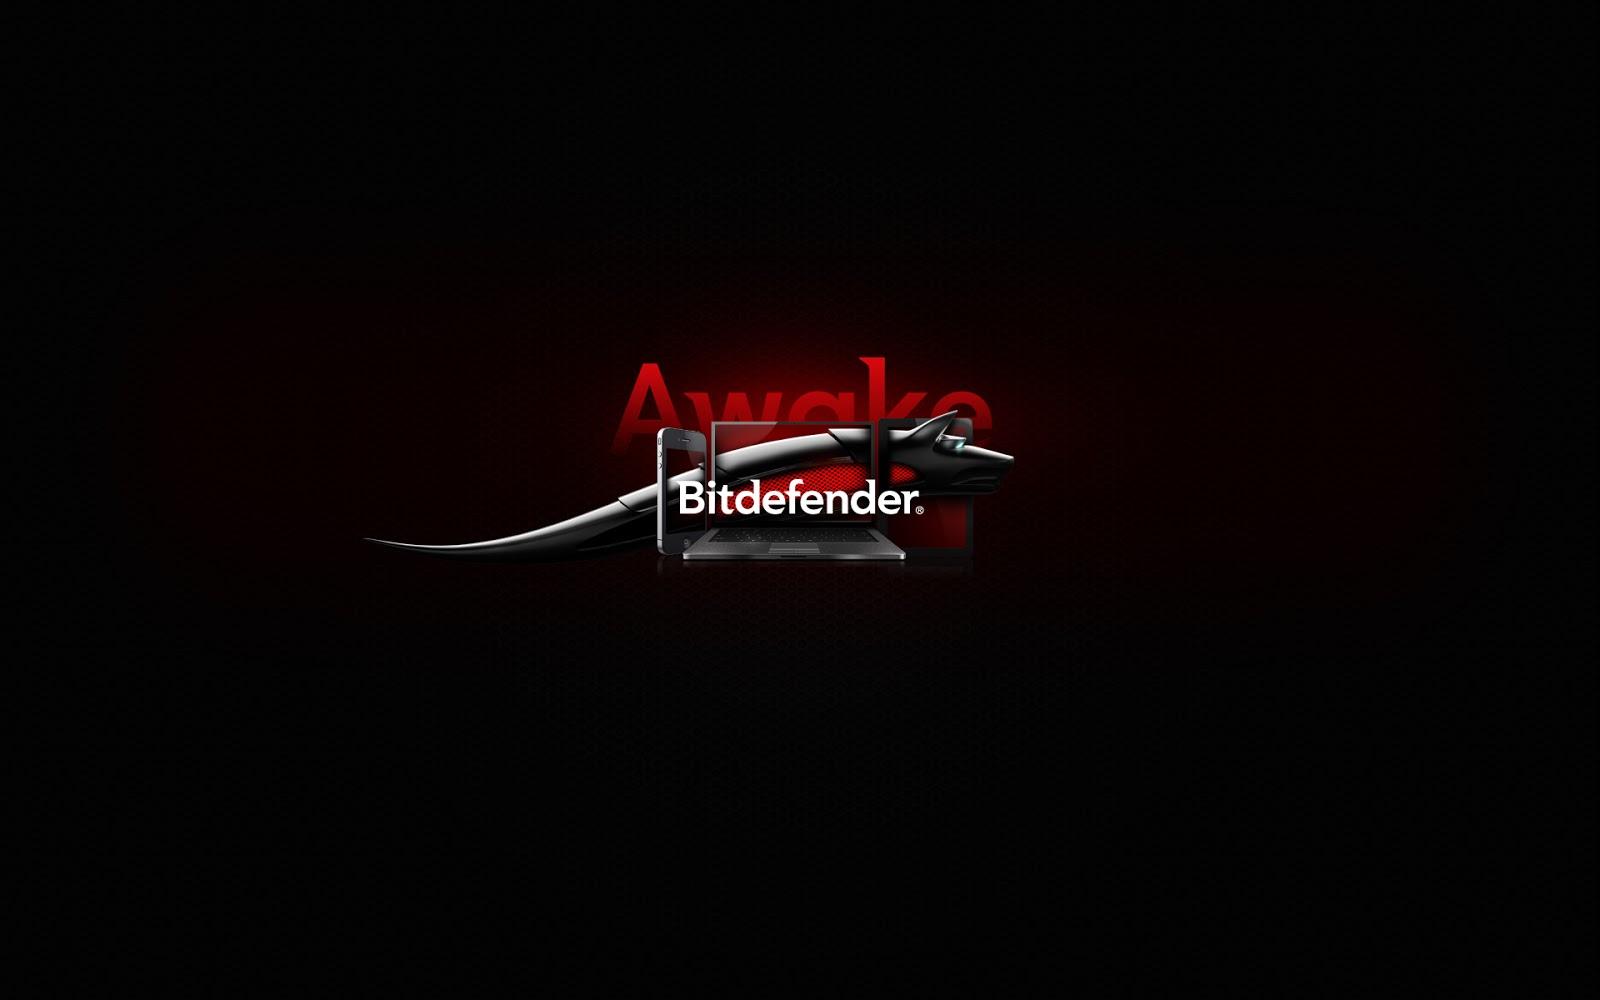 awake bitdefender